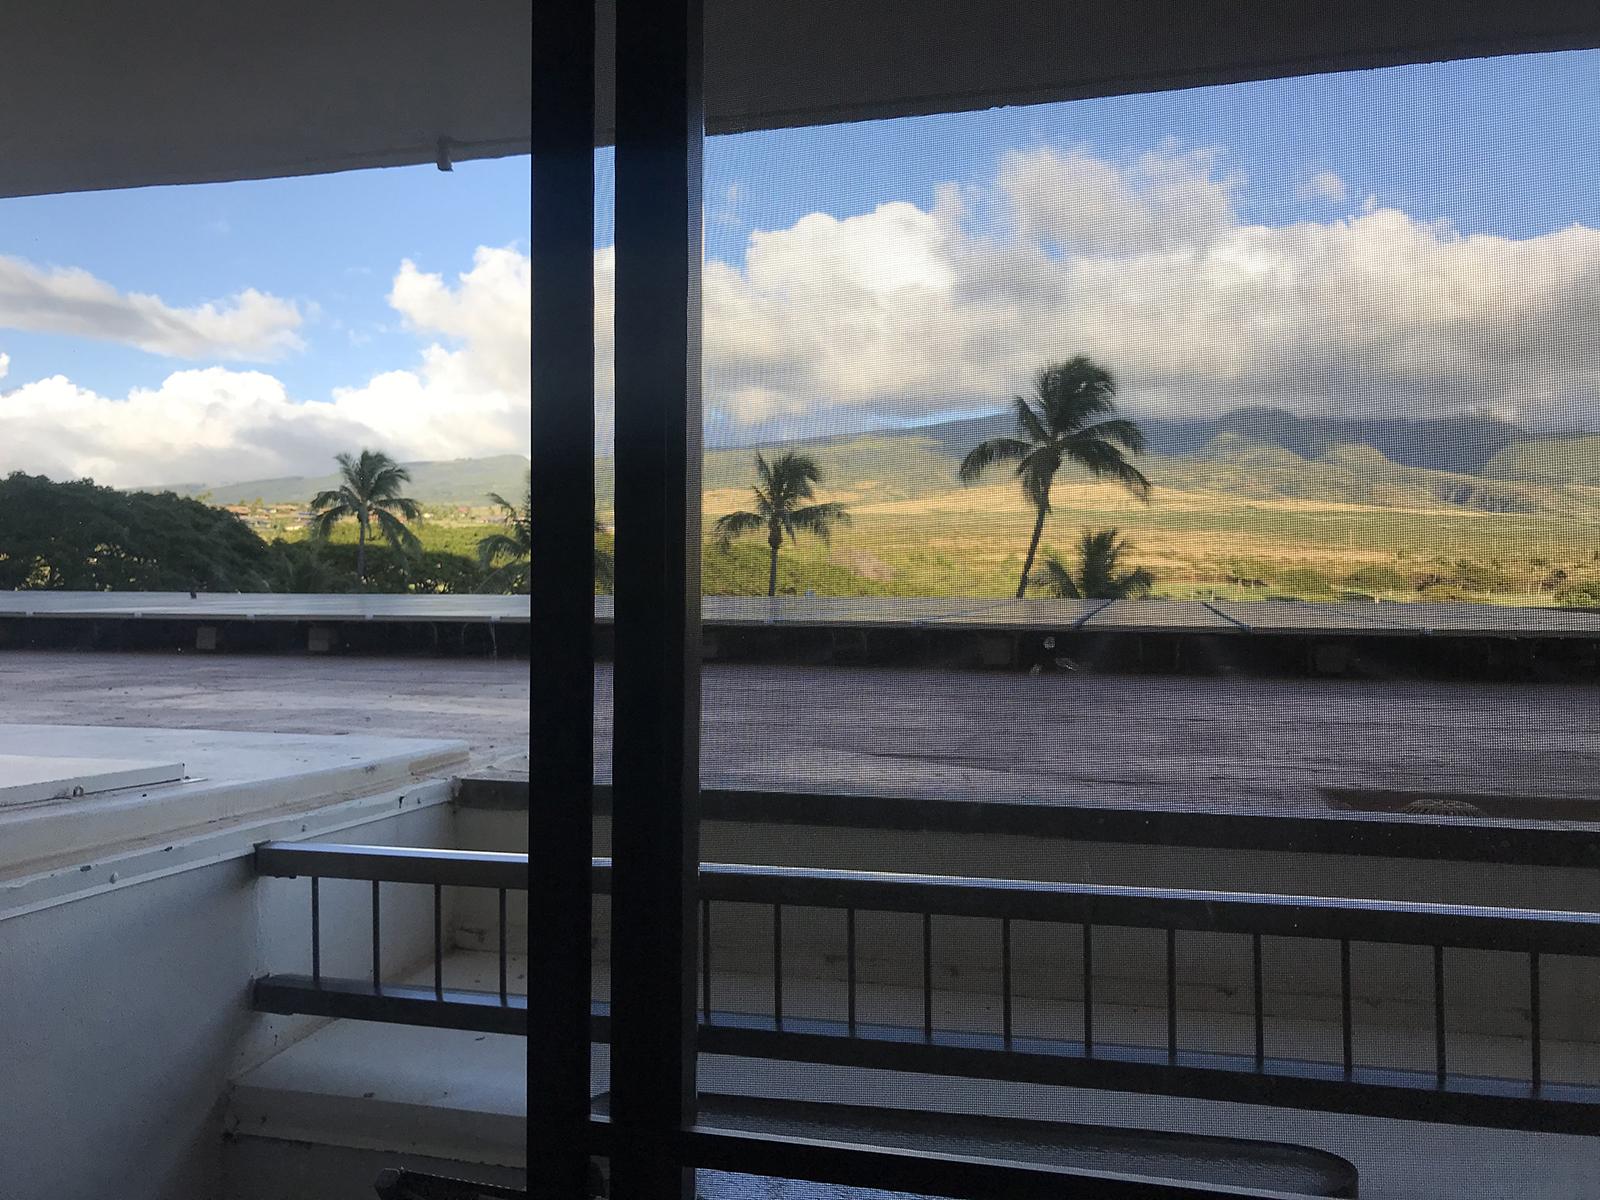 Hotel balcony, Maui, Hawaii 2019